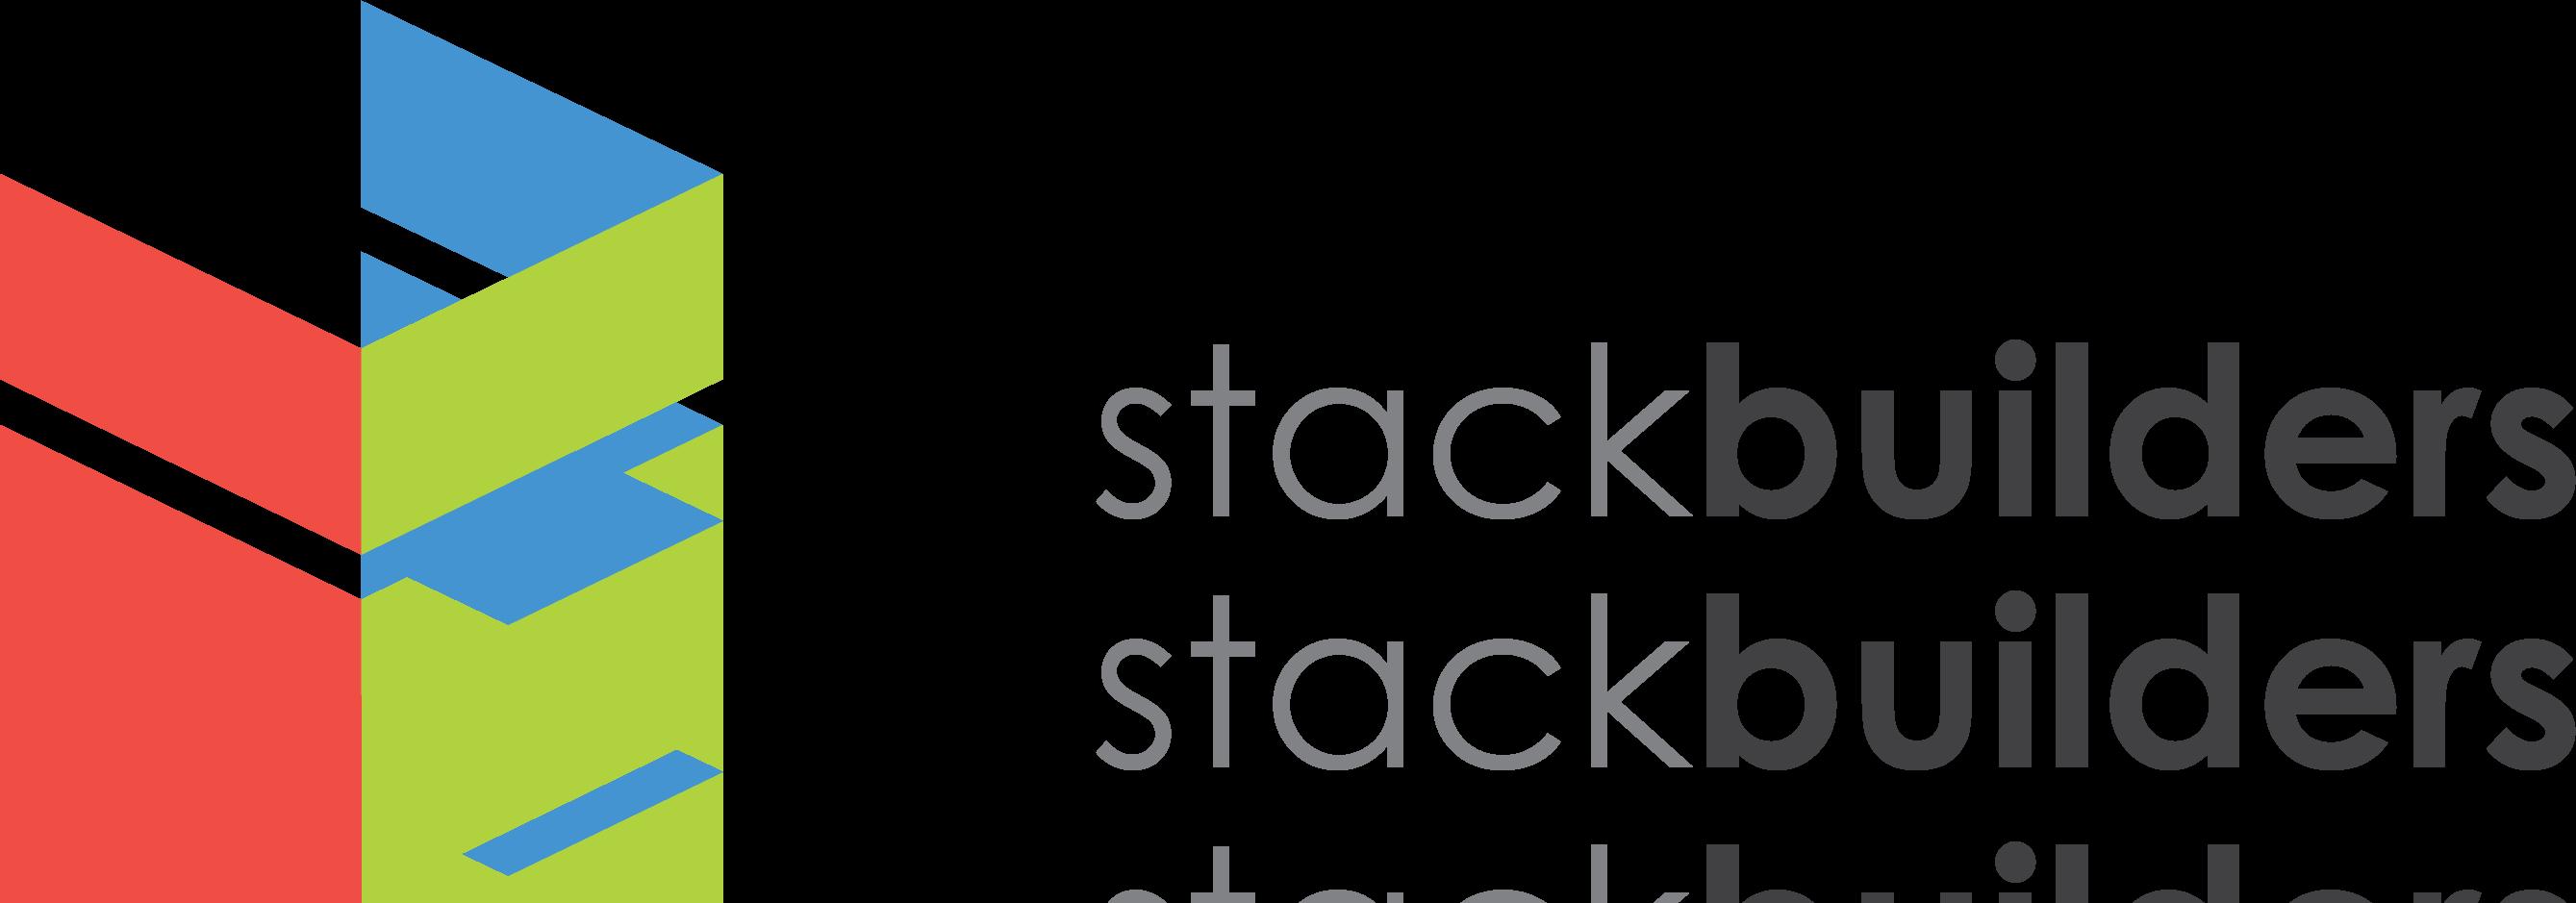 StackBuilders